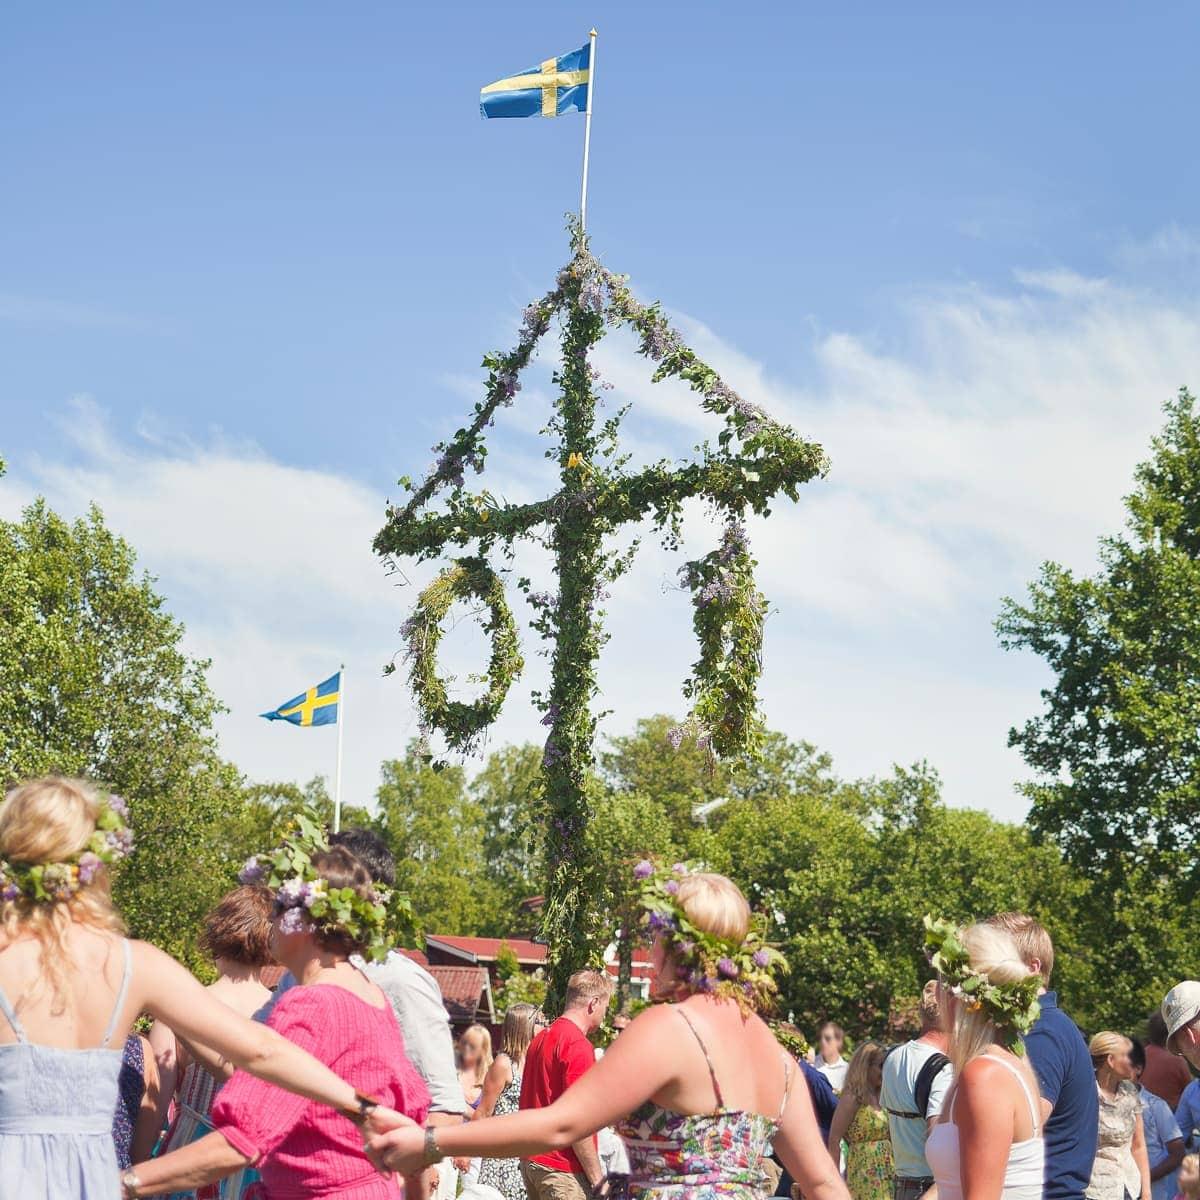 Mittsommer in Schweden: Tanz um den Baum